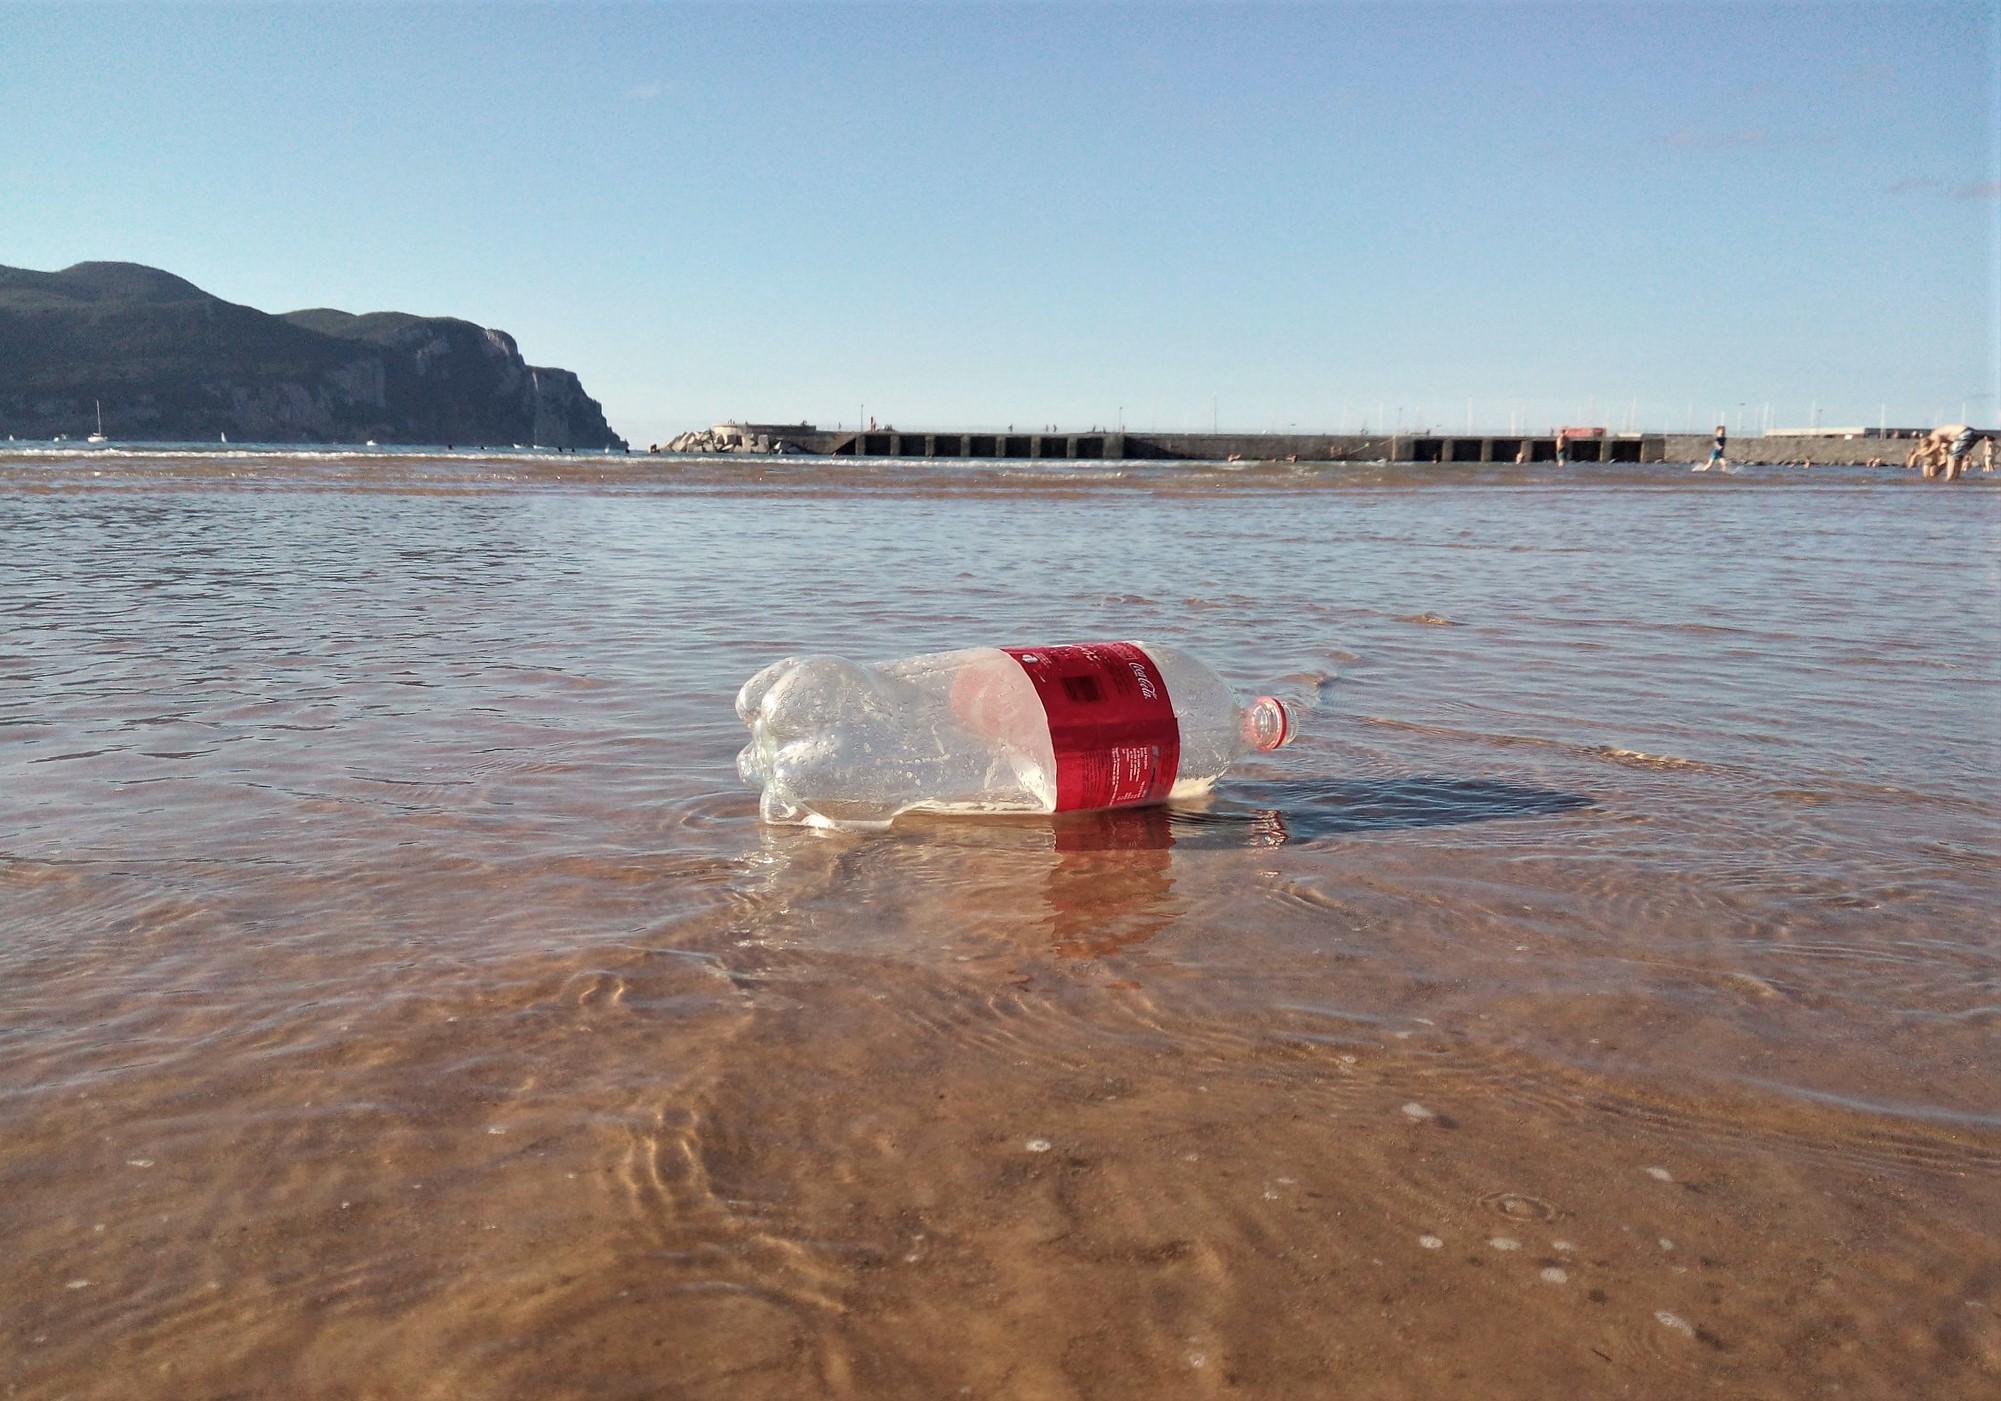 SDDR y RAP, las medidas más eficaces contra los residuos plásticos